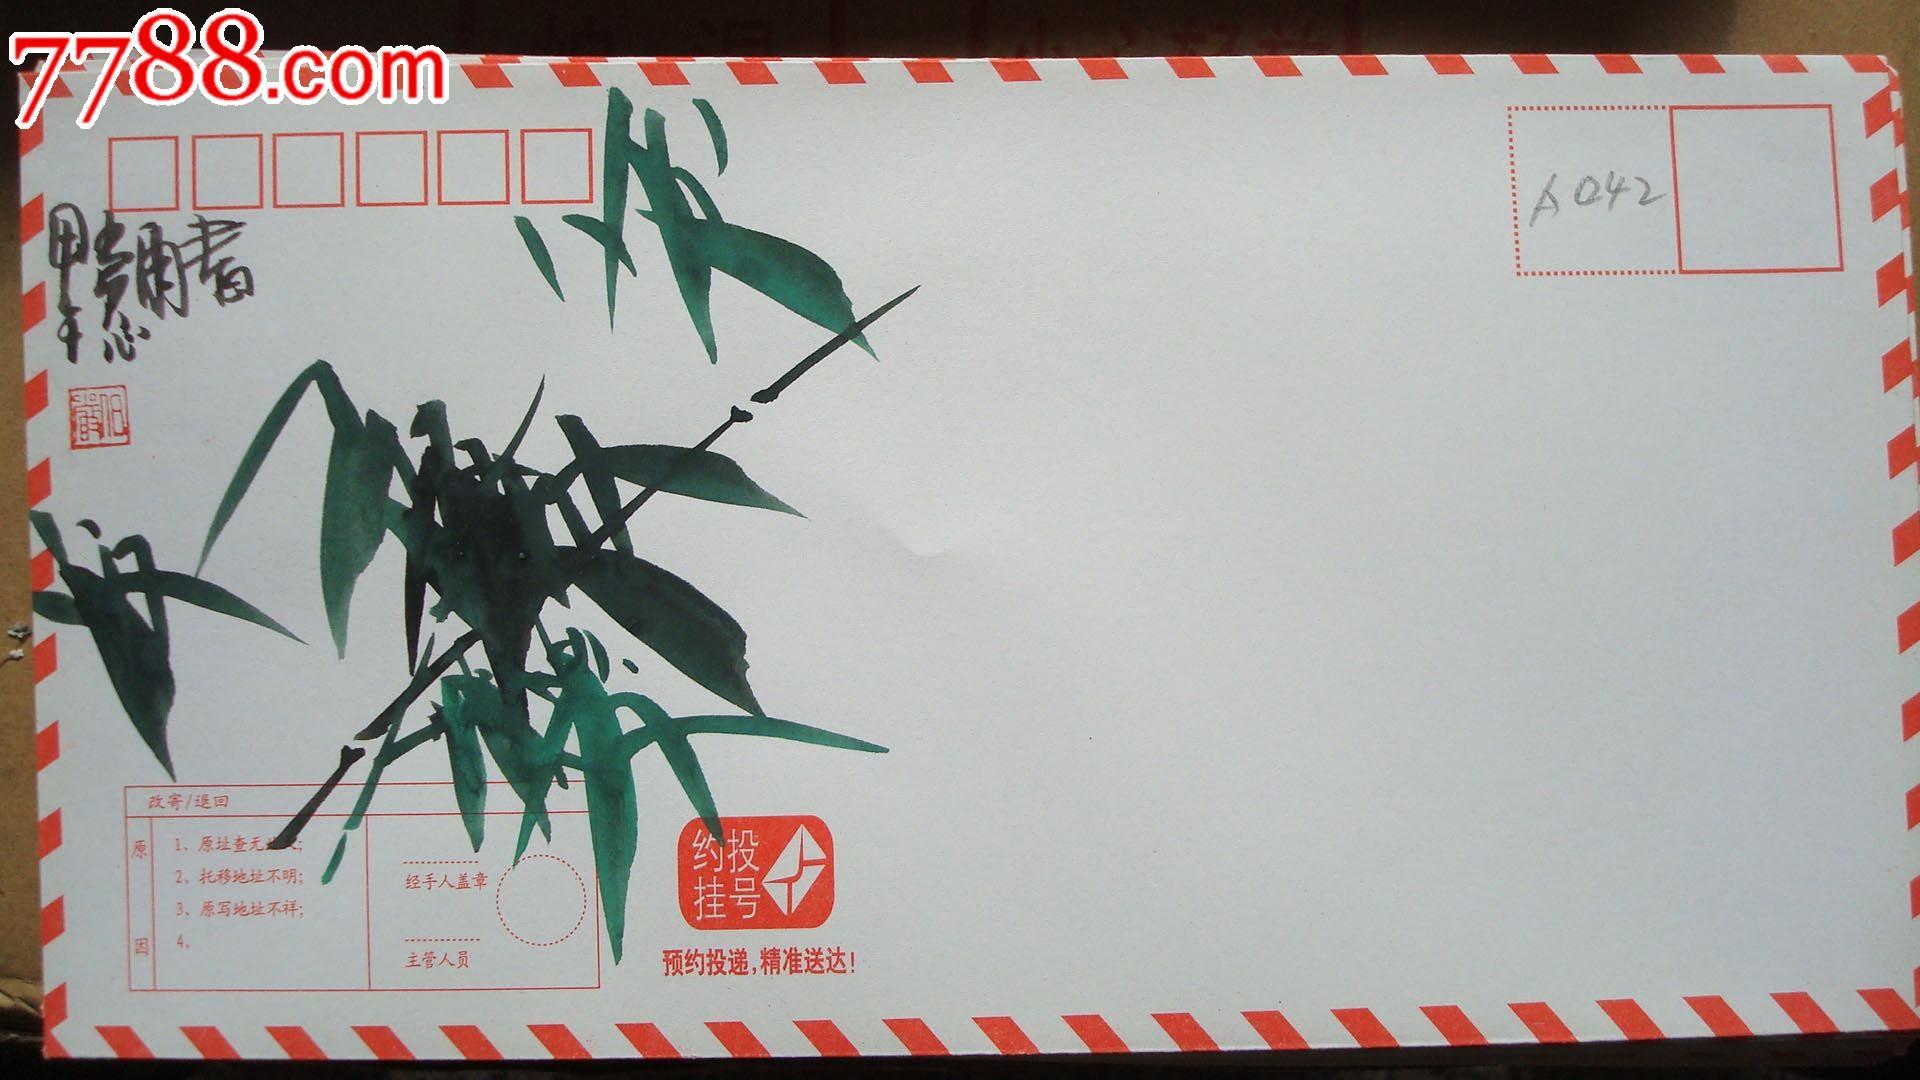 邮票图片大全手绘简单